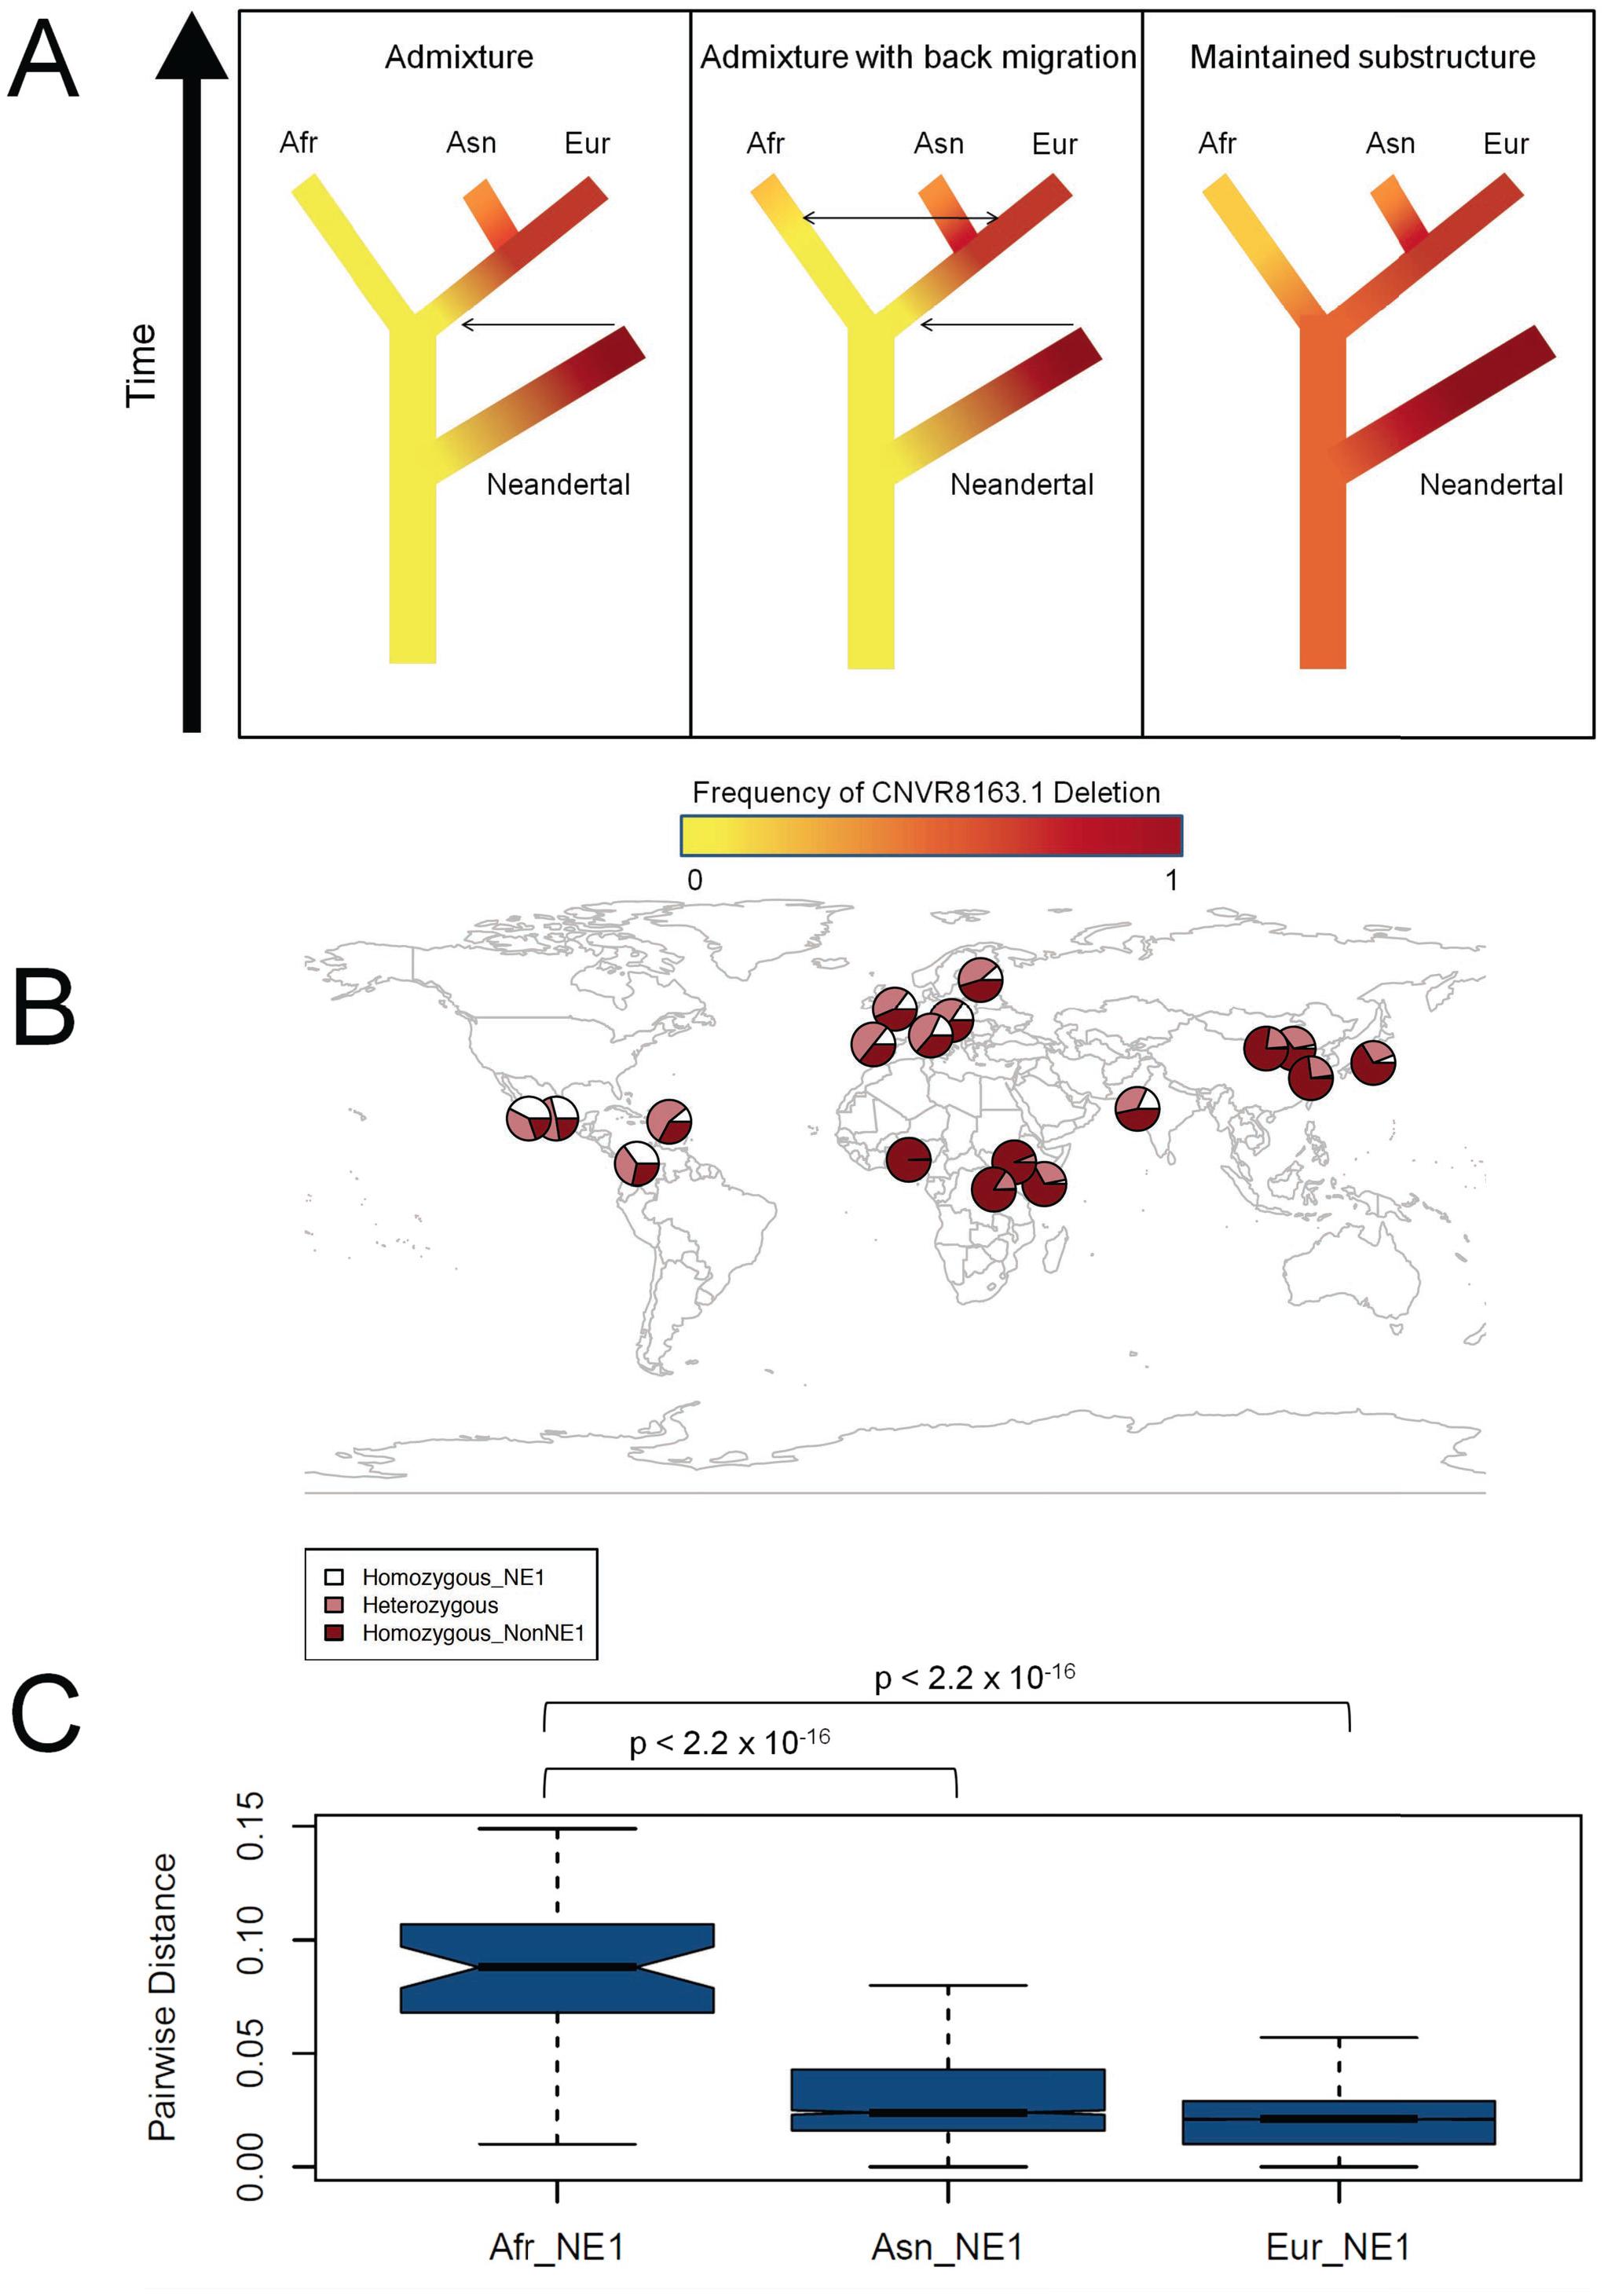 Ancient African origins of the NE1 haplogroup.